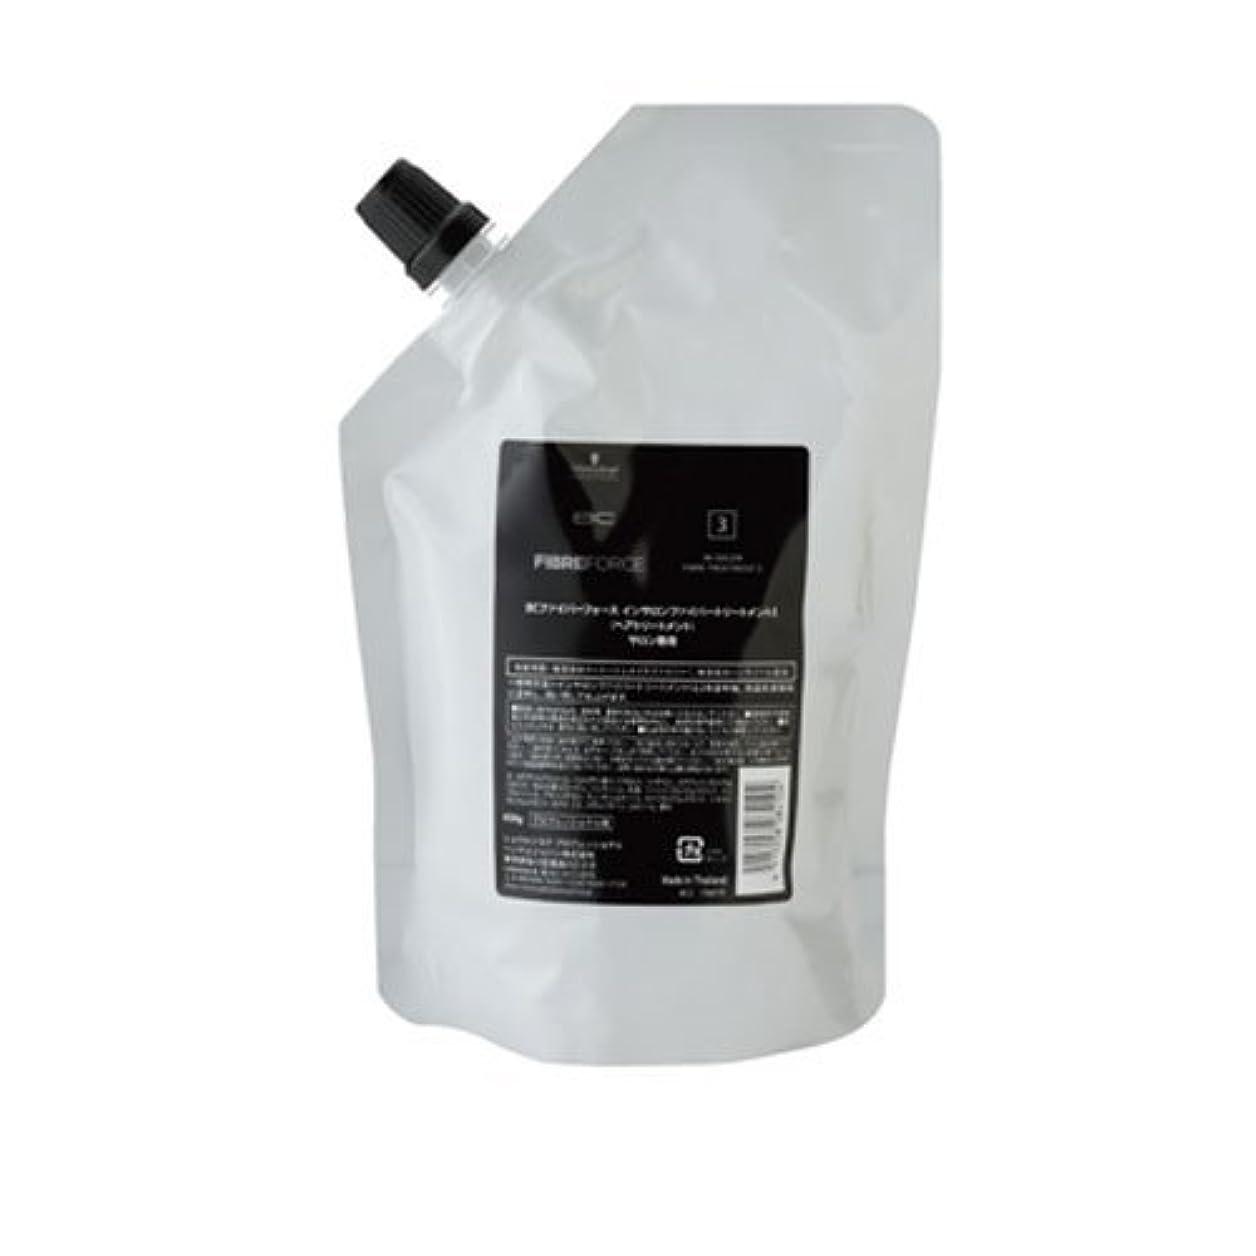 丈夫ワイン予防接種するシュワルツコフ BCファイバーフォース インサロンファイバートリートメント3 (450g)